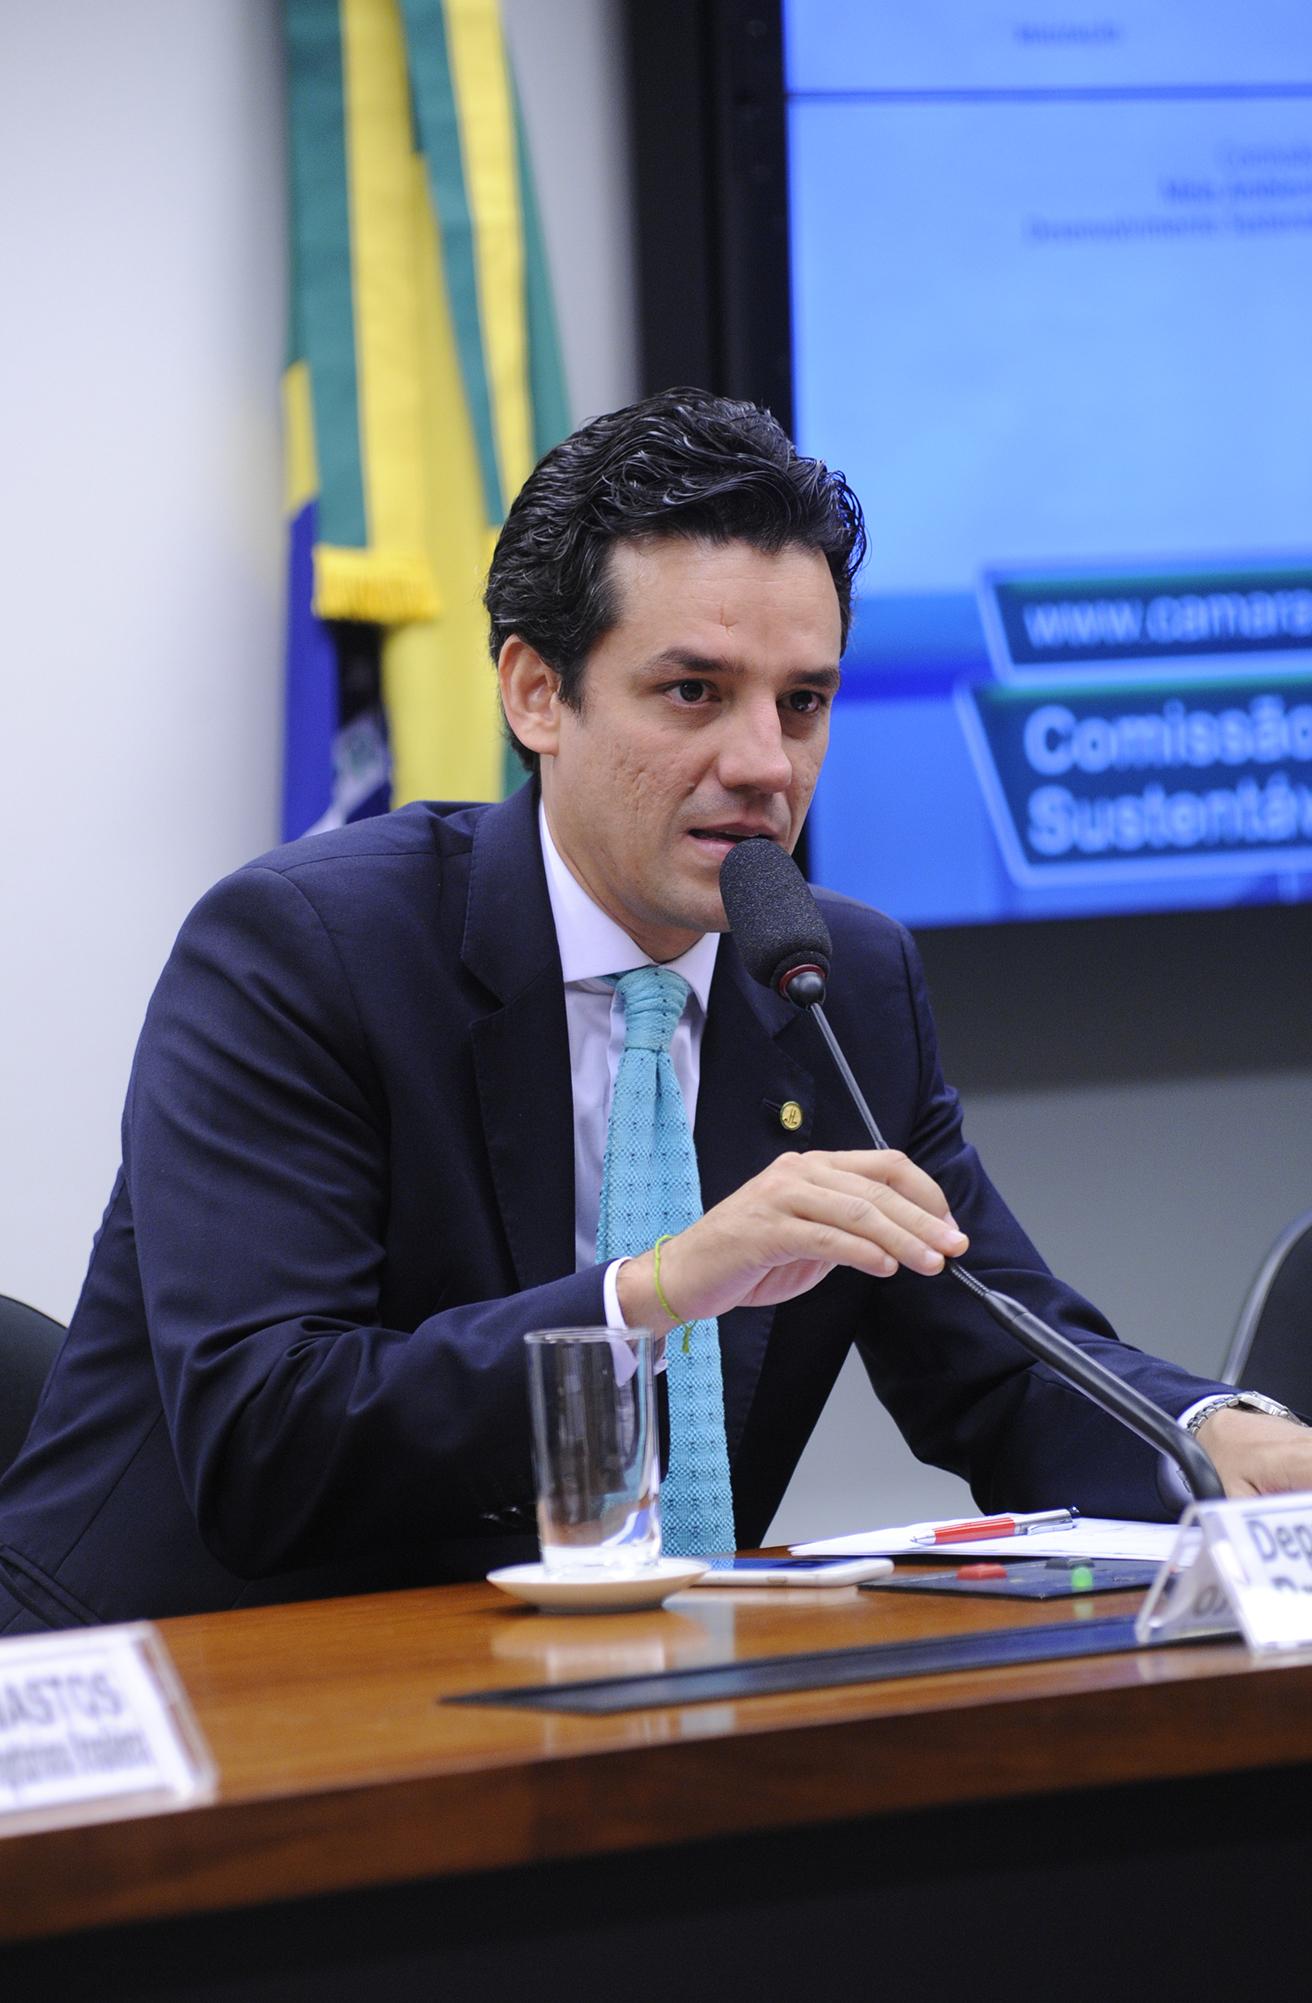 Audiência pública sobre os caminhos do vegetarianismo no Brasil e suas consequências na saúde e sustentabilidade da economia brasileira. Dep. Daniel Coelho (PSDB-PE)